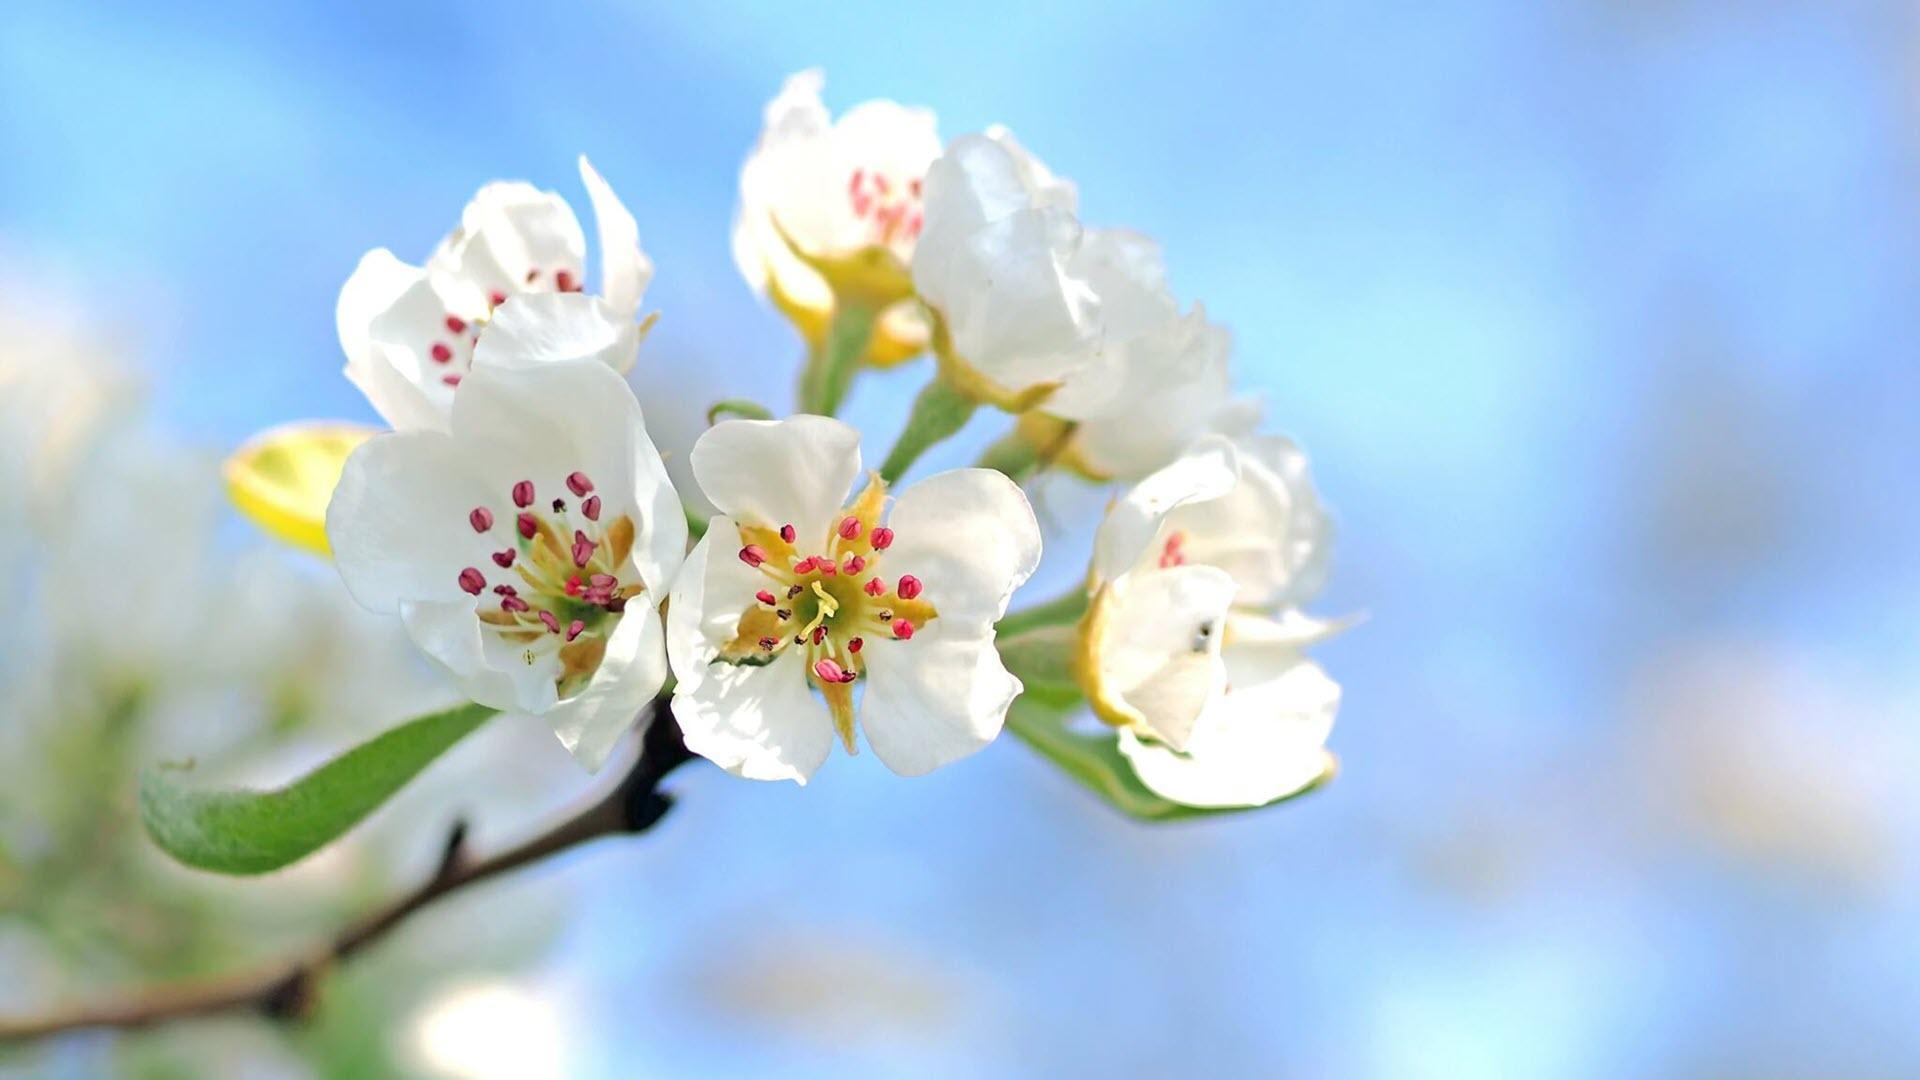 Hình nền hoa nở mùa xuân